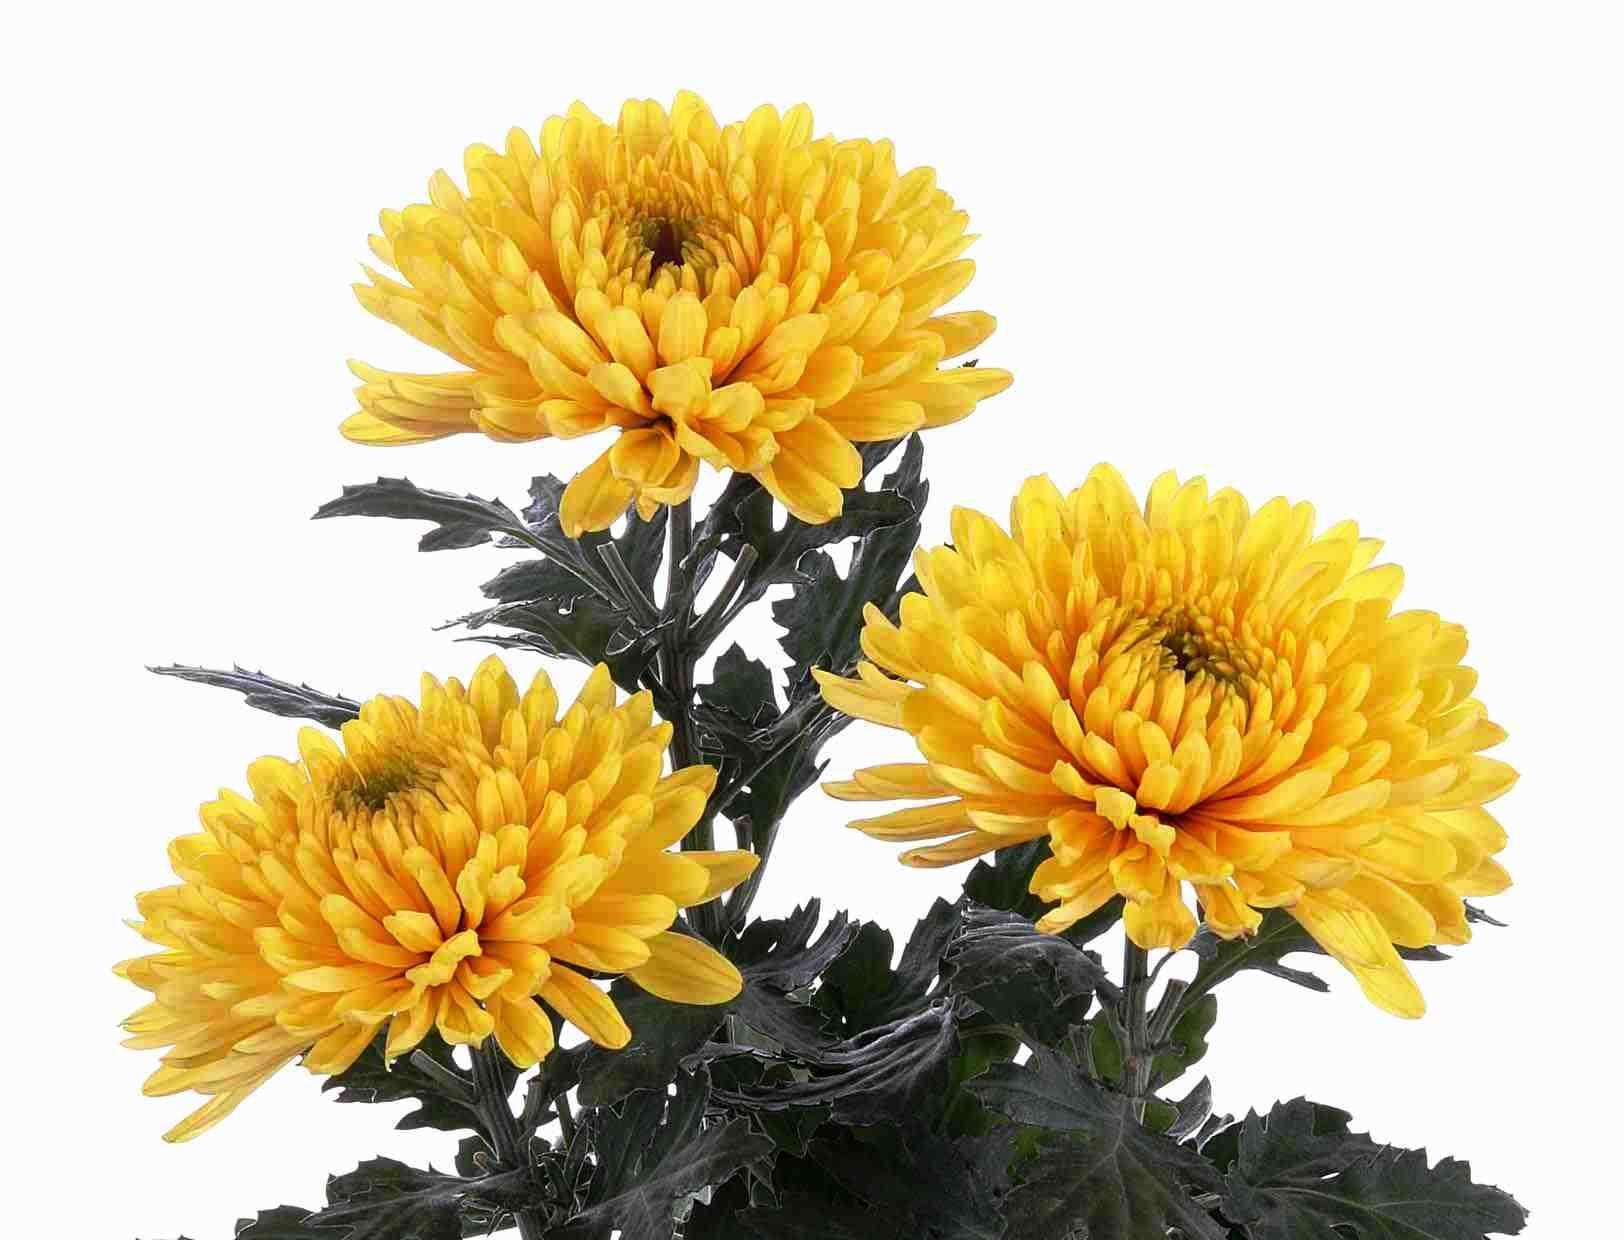 Желтые соцветия хризантем